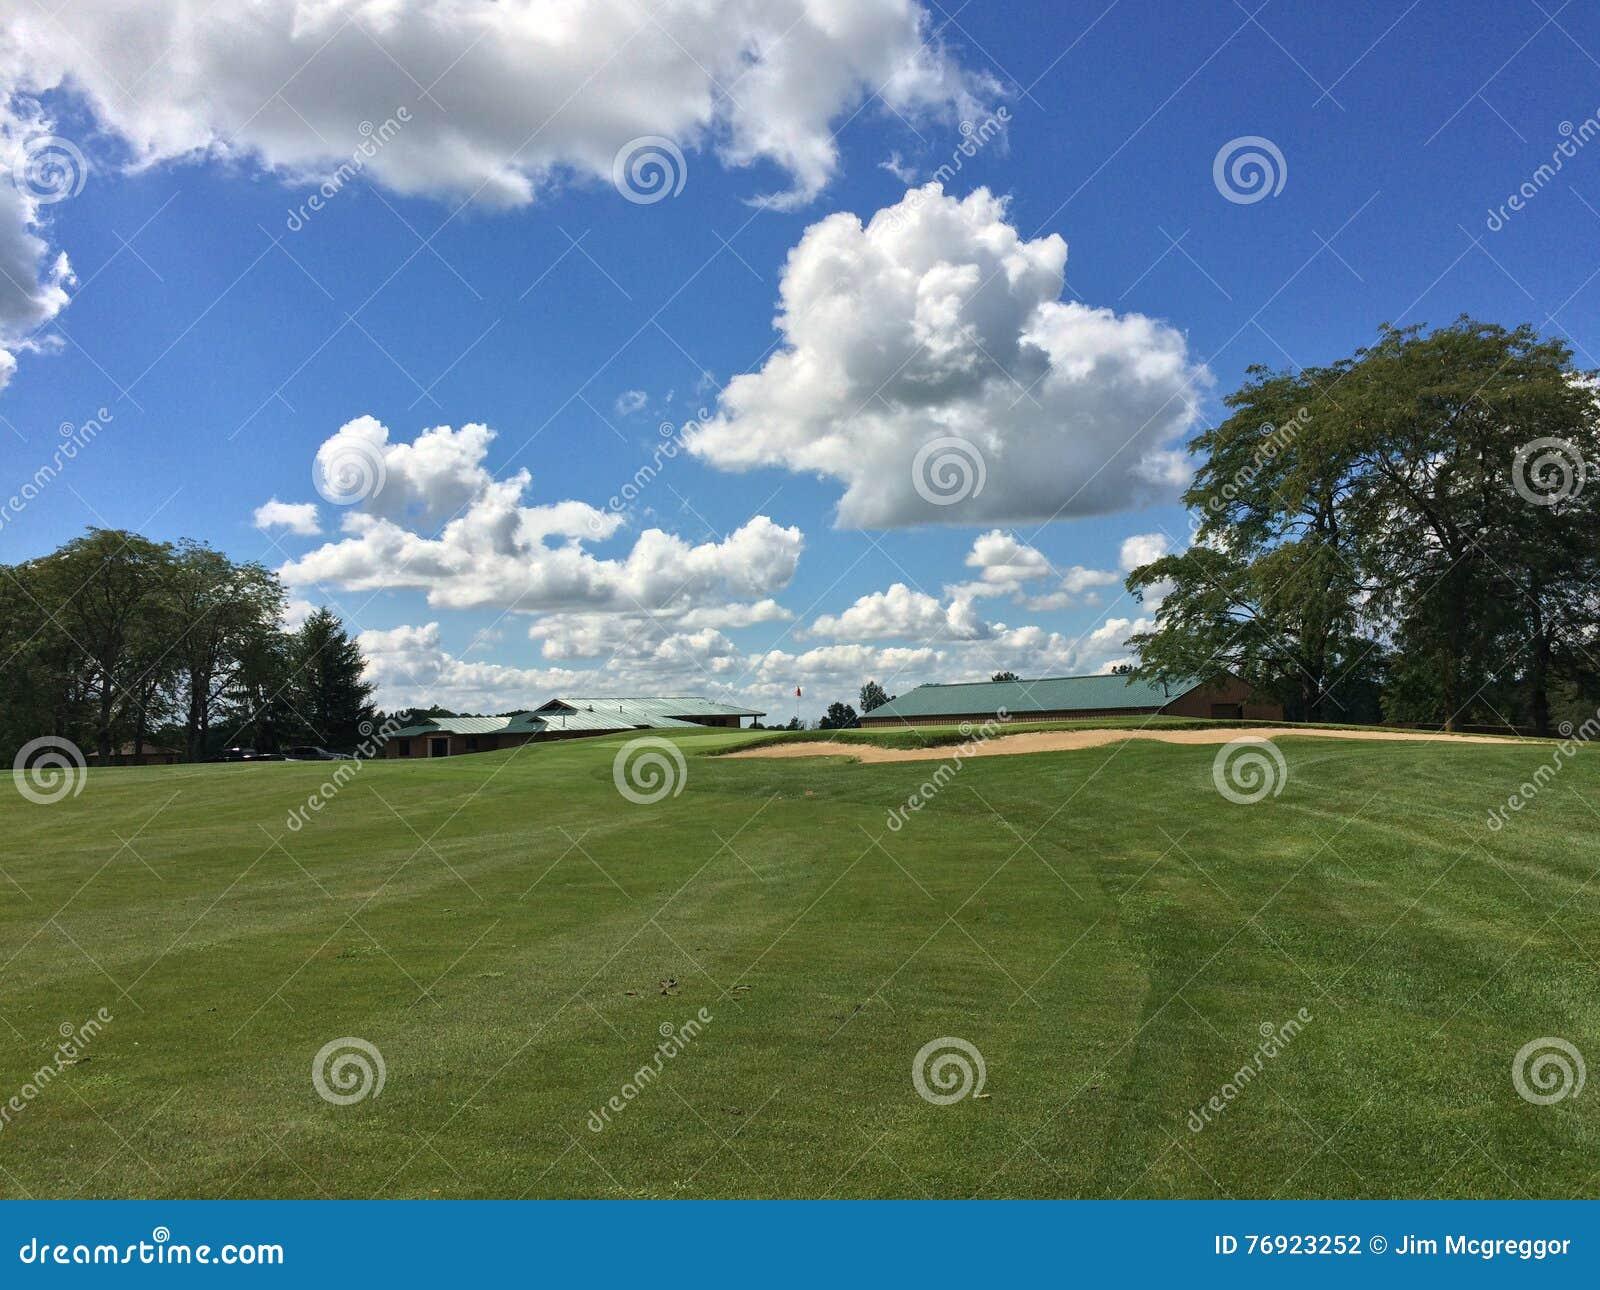 Όμορφη ημέρα για έναν κύκλο του γκολφ